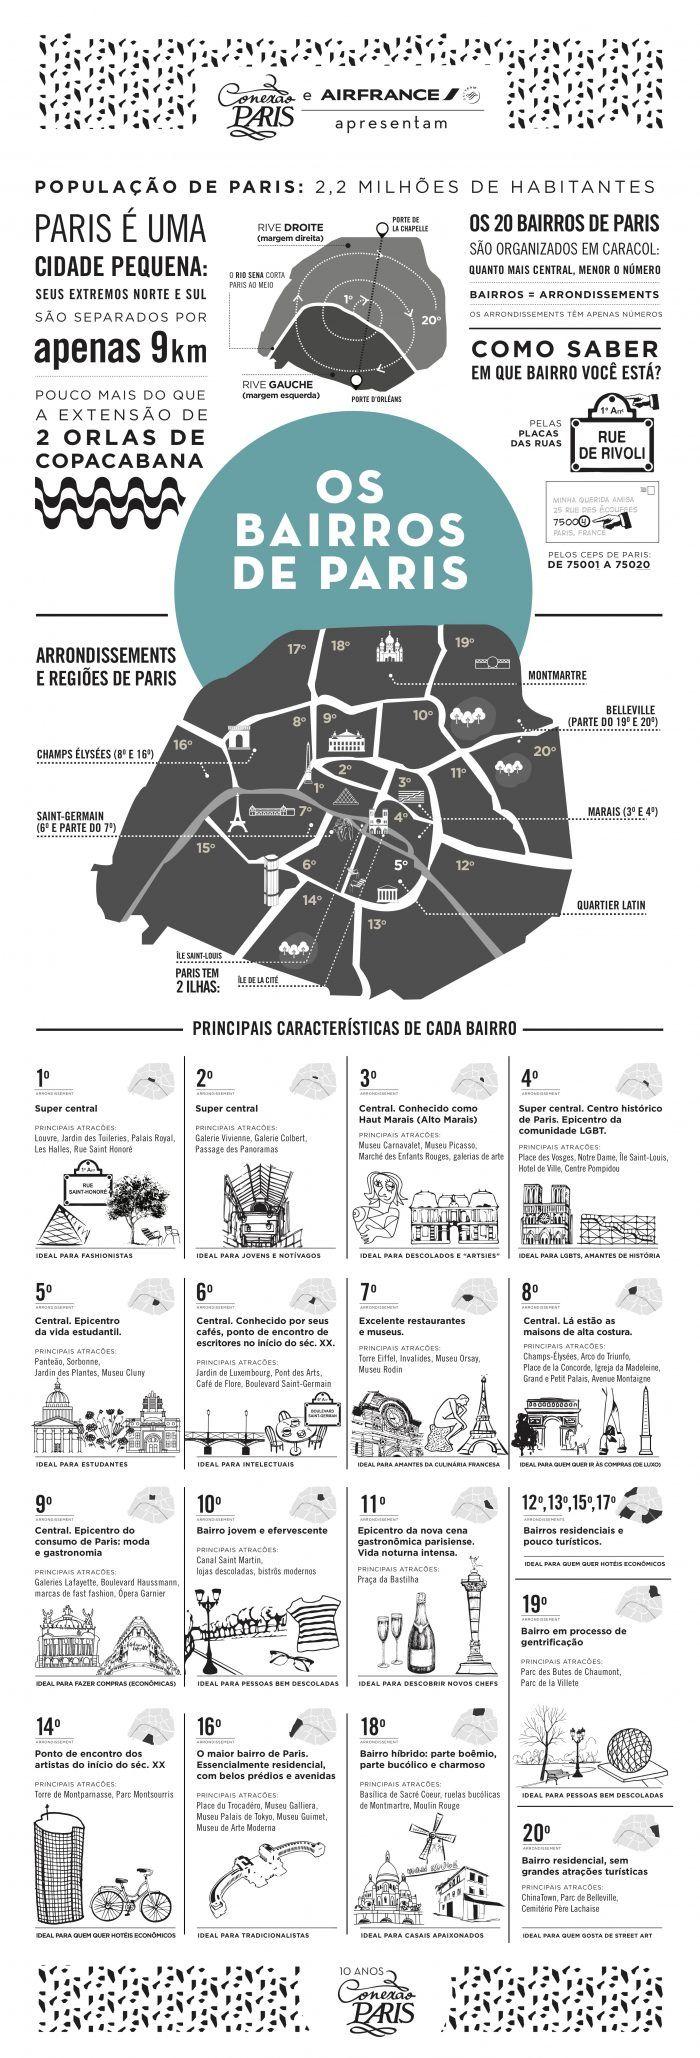 Tudo que você precisa saber sobre os bairros e as regiões de Paris.\